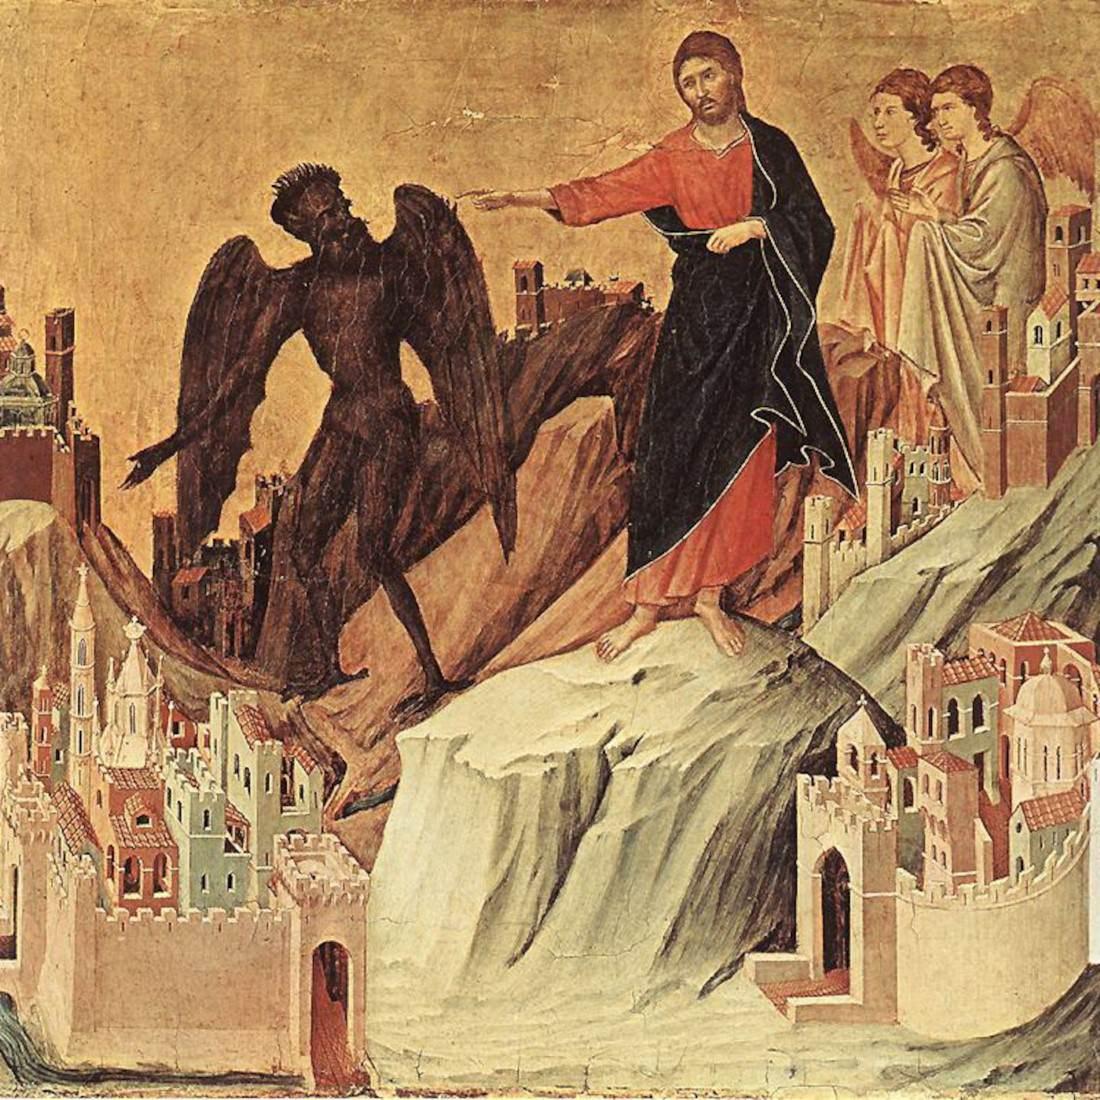 Kết quả hình ảnh cho Chúa Giêsu bị ma quỷ cám dỗ